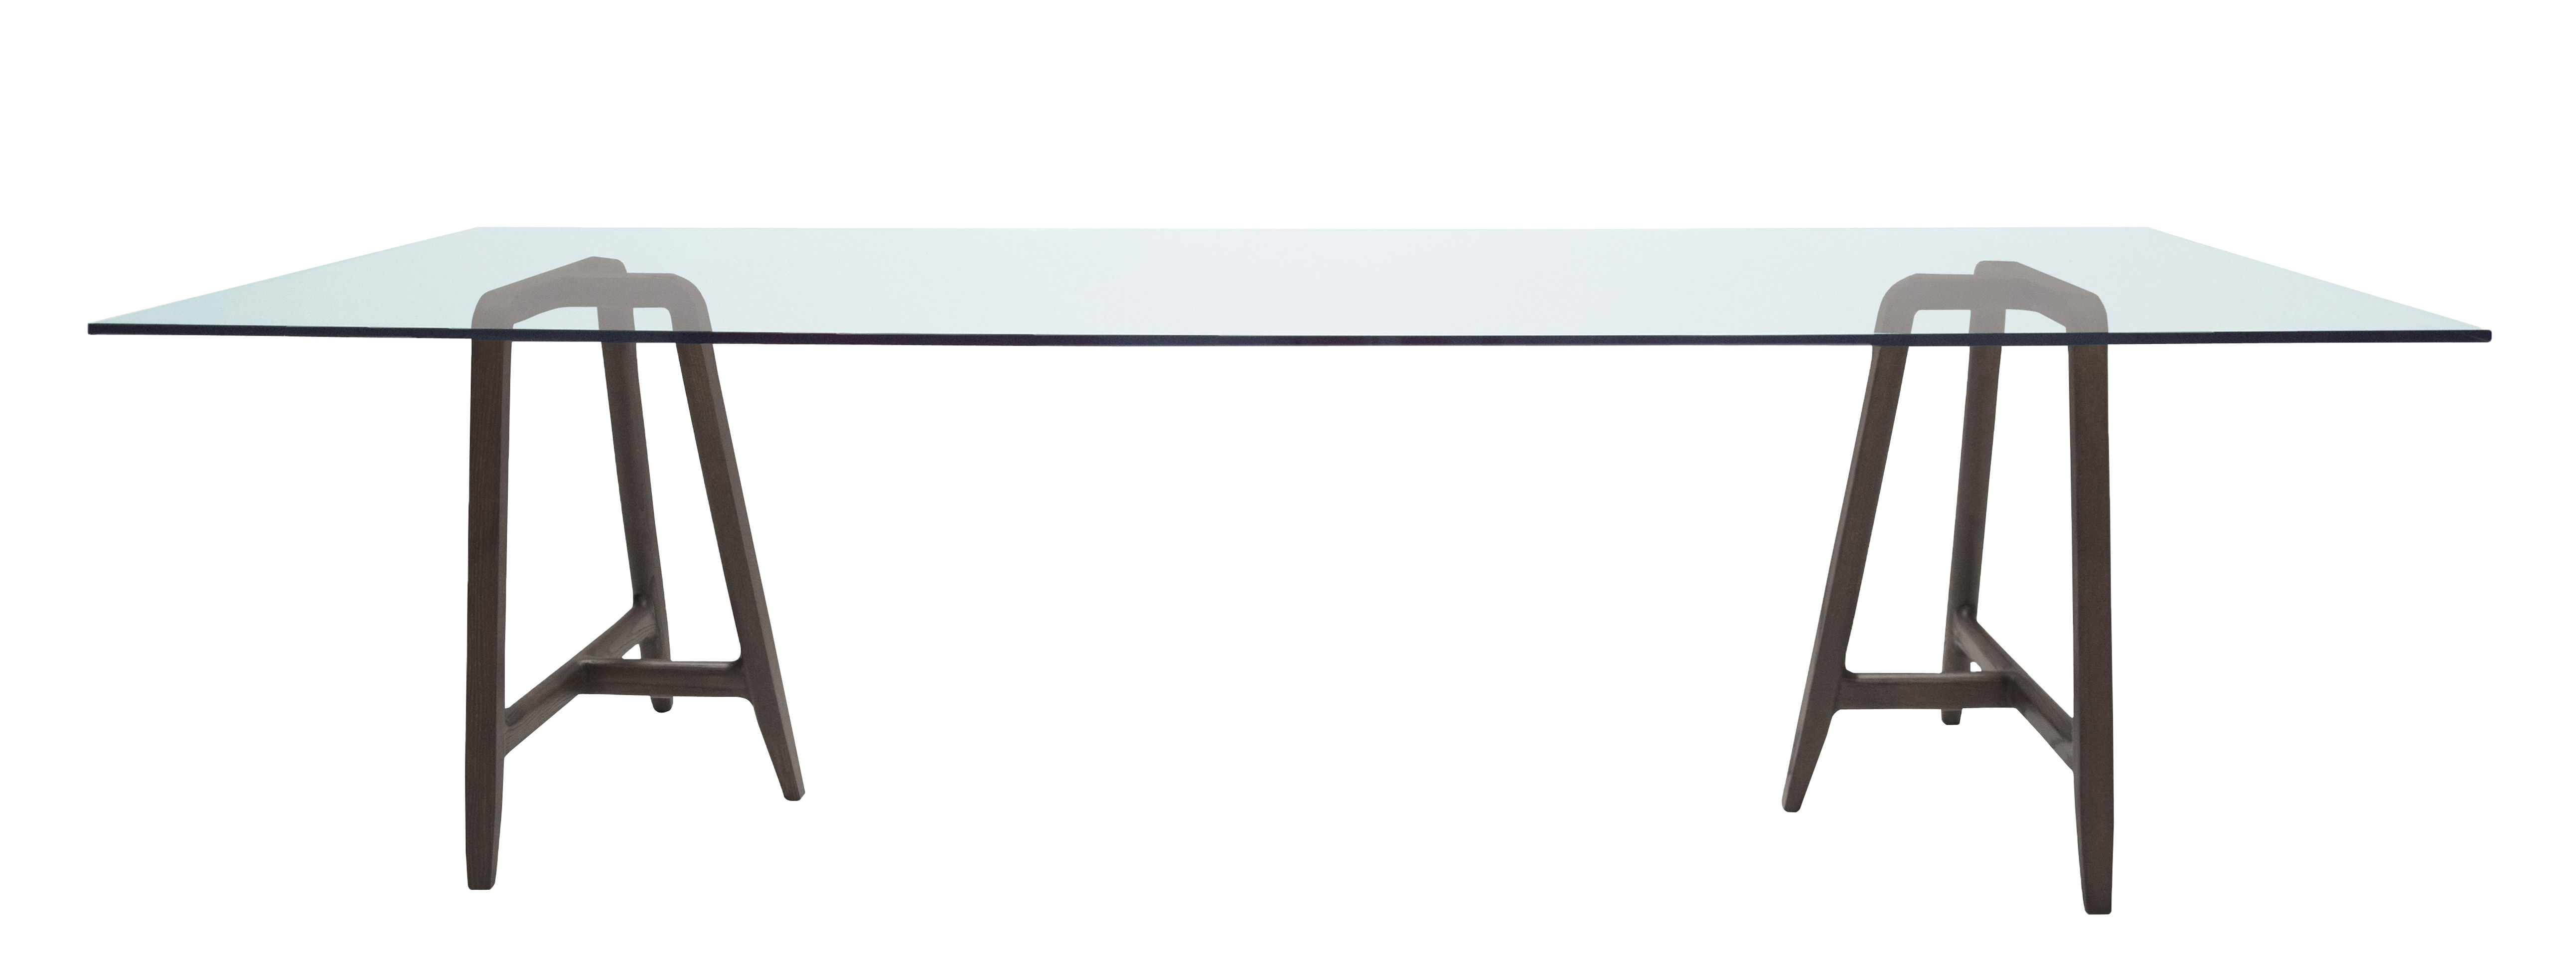 Mobilier - Tables - Table rectangulaire Easel / 220 x 90 cm - Plateau verre - Driade - Plateau verre / Piètement noyer - Noyer massif, Verre trempé